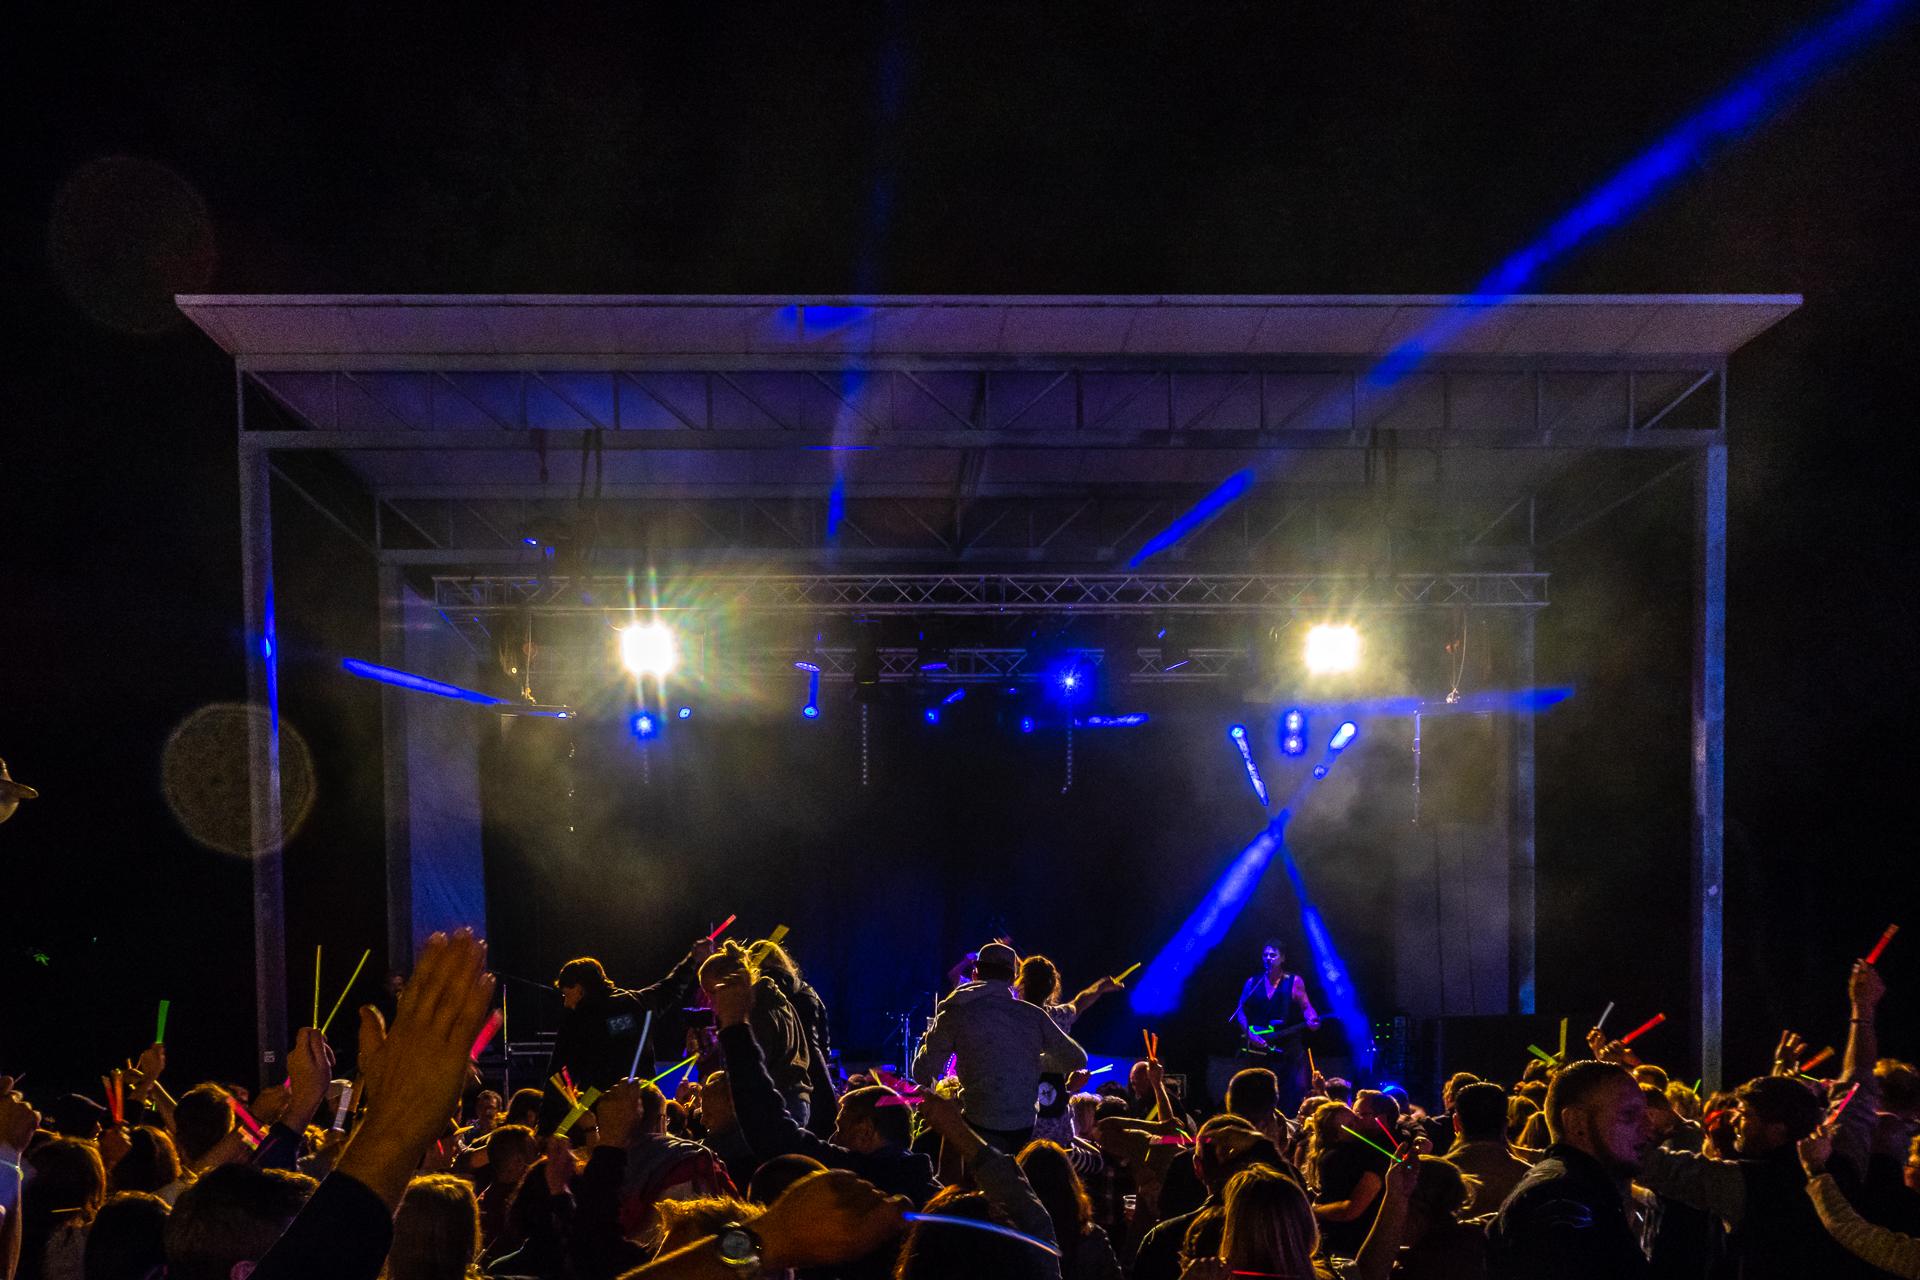 2018-07-07-Volksfest-Malchow40.jpg